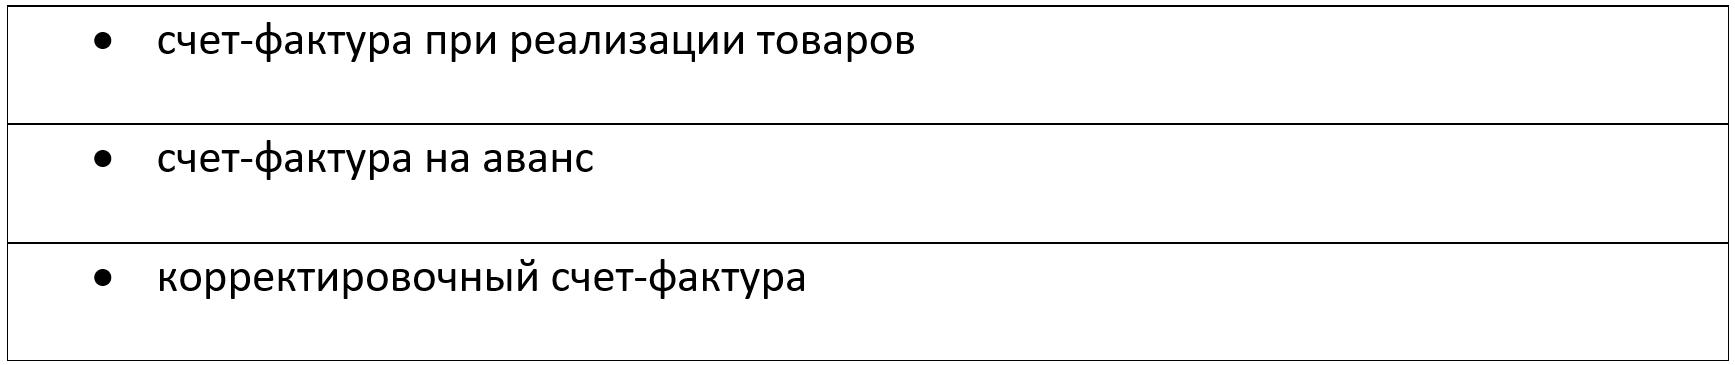 Счет-фактура1